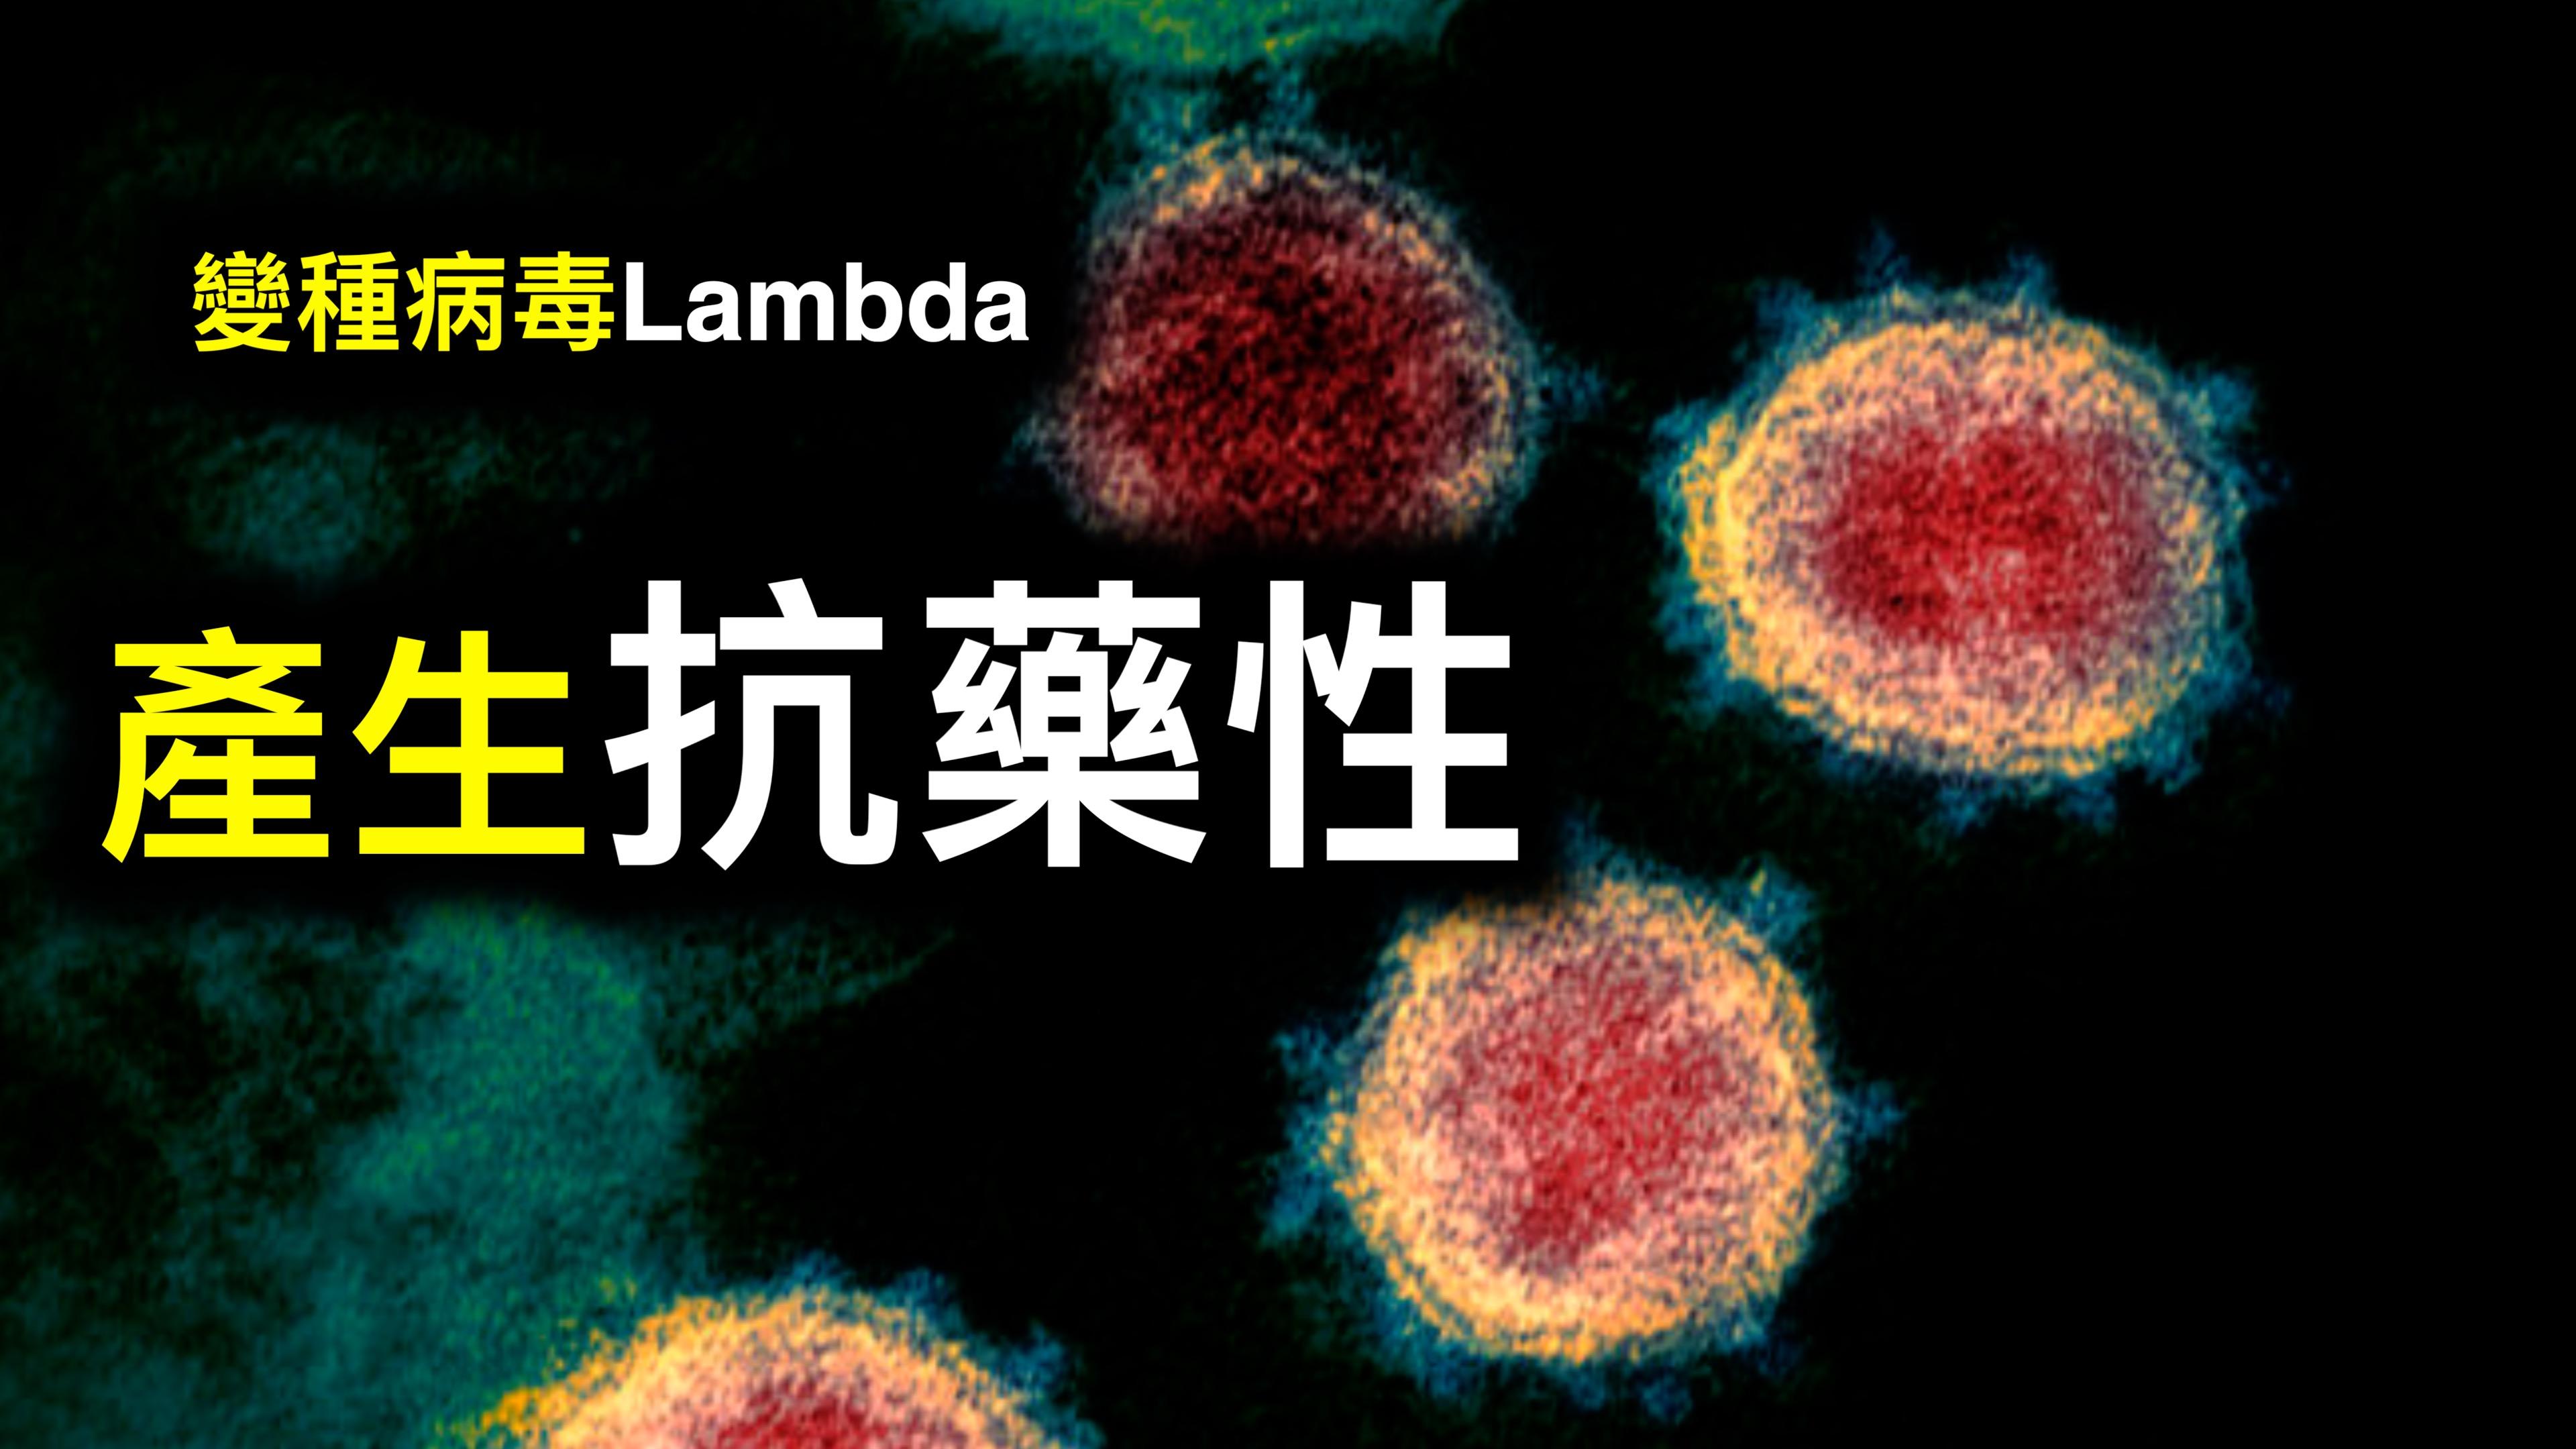 新加坡公布疫苗国家赔偿;Lambda變種可能產生抗藥性;以色列已接種學生1傳83令人擔憂⋯⋯